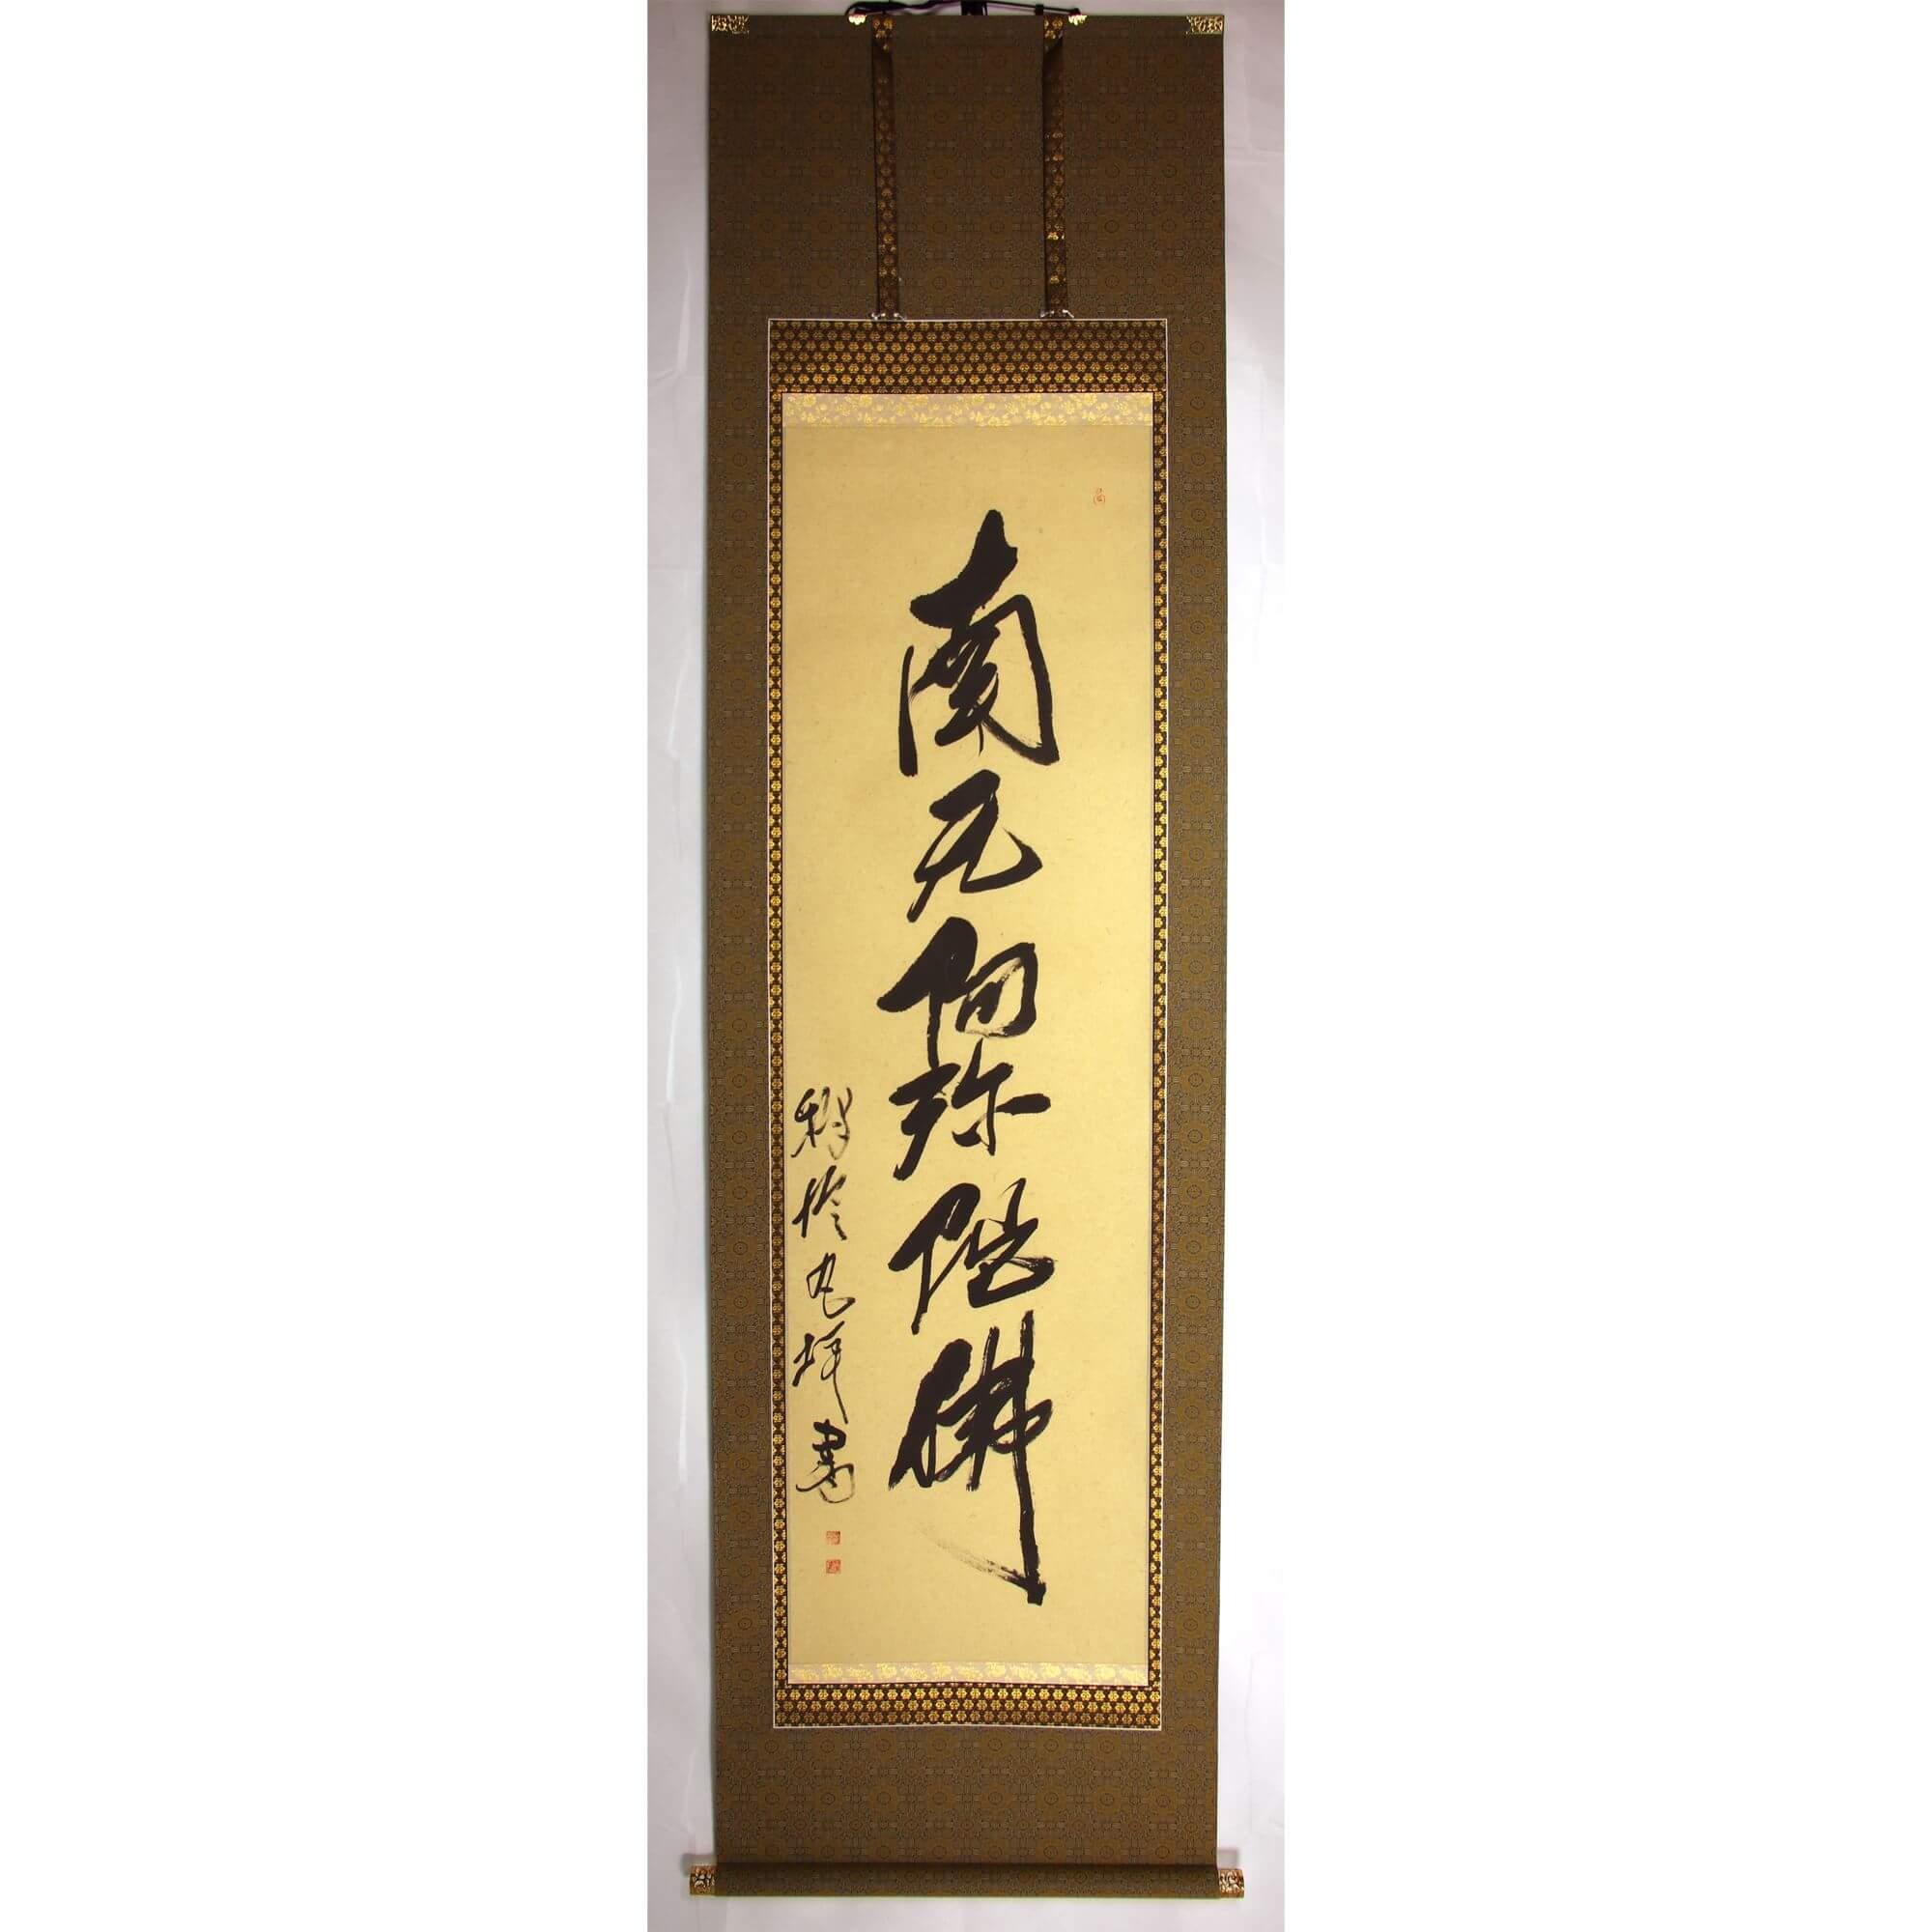 長澤澄丸 / 六字名号: 南無阿弥陀仏